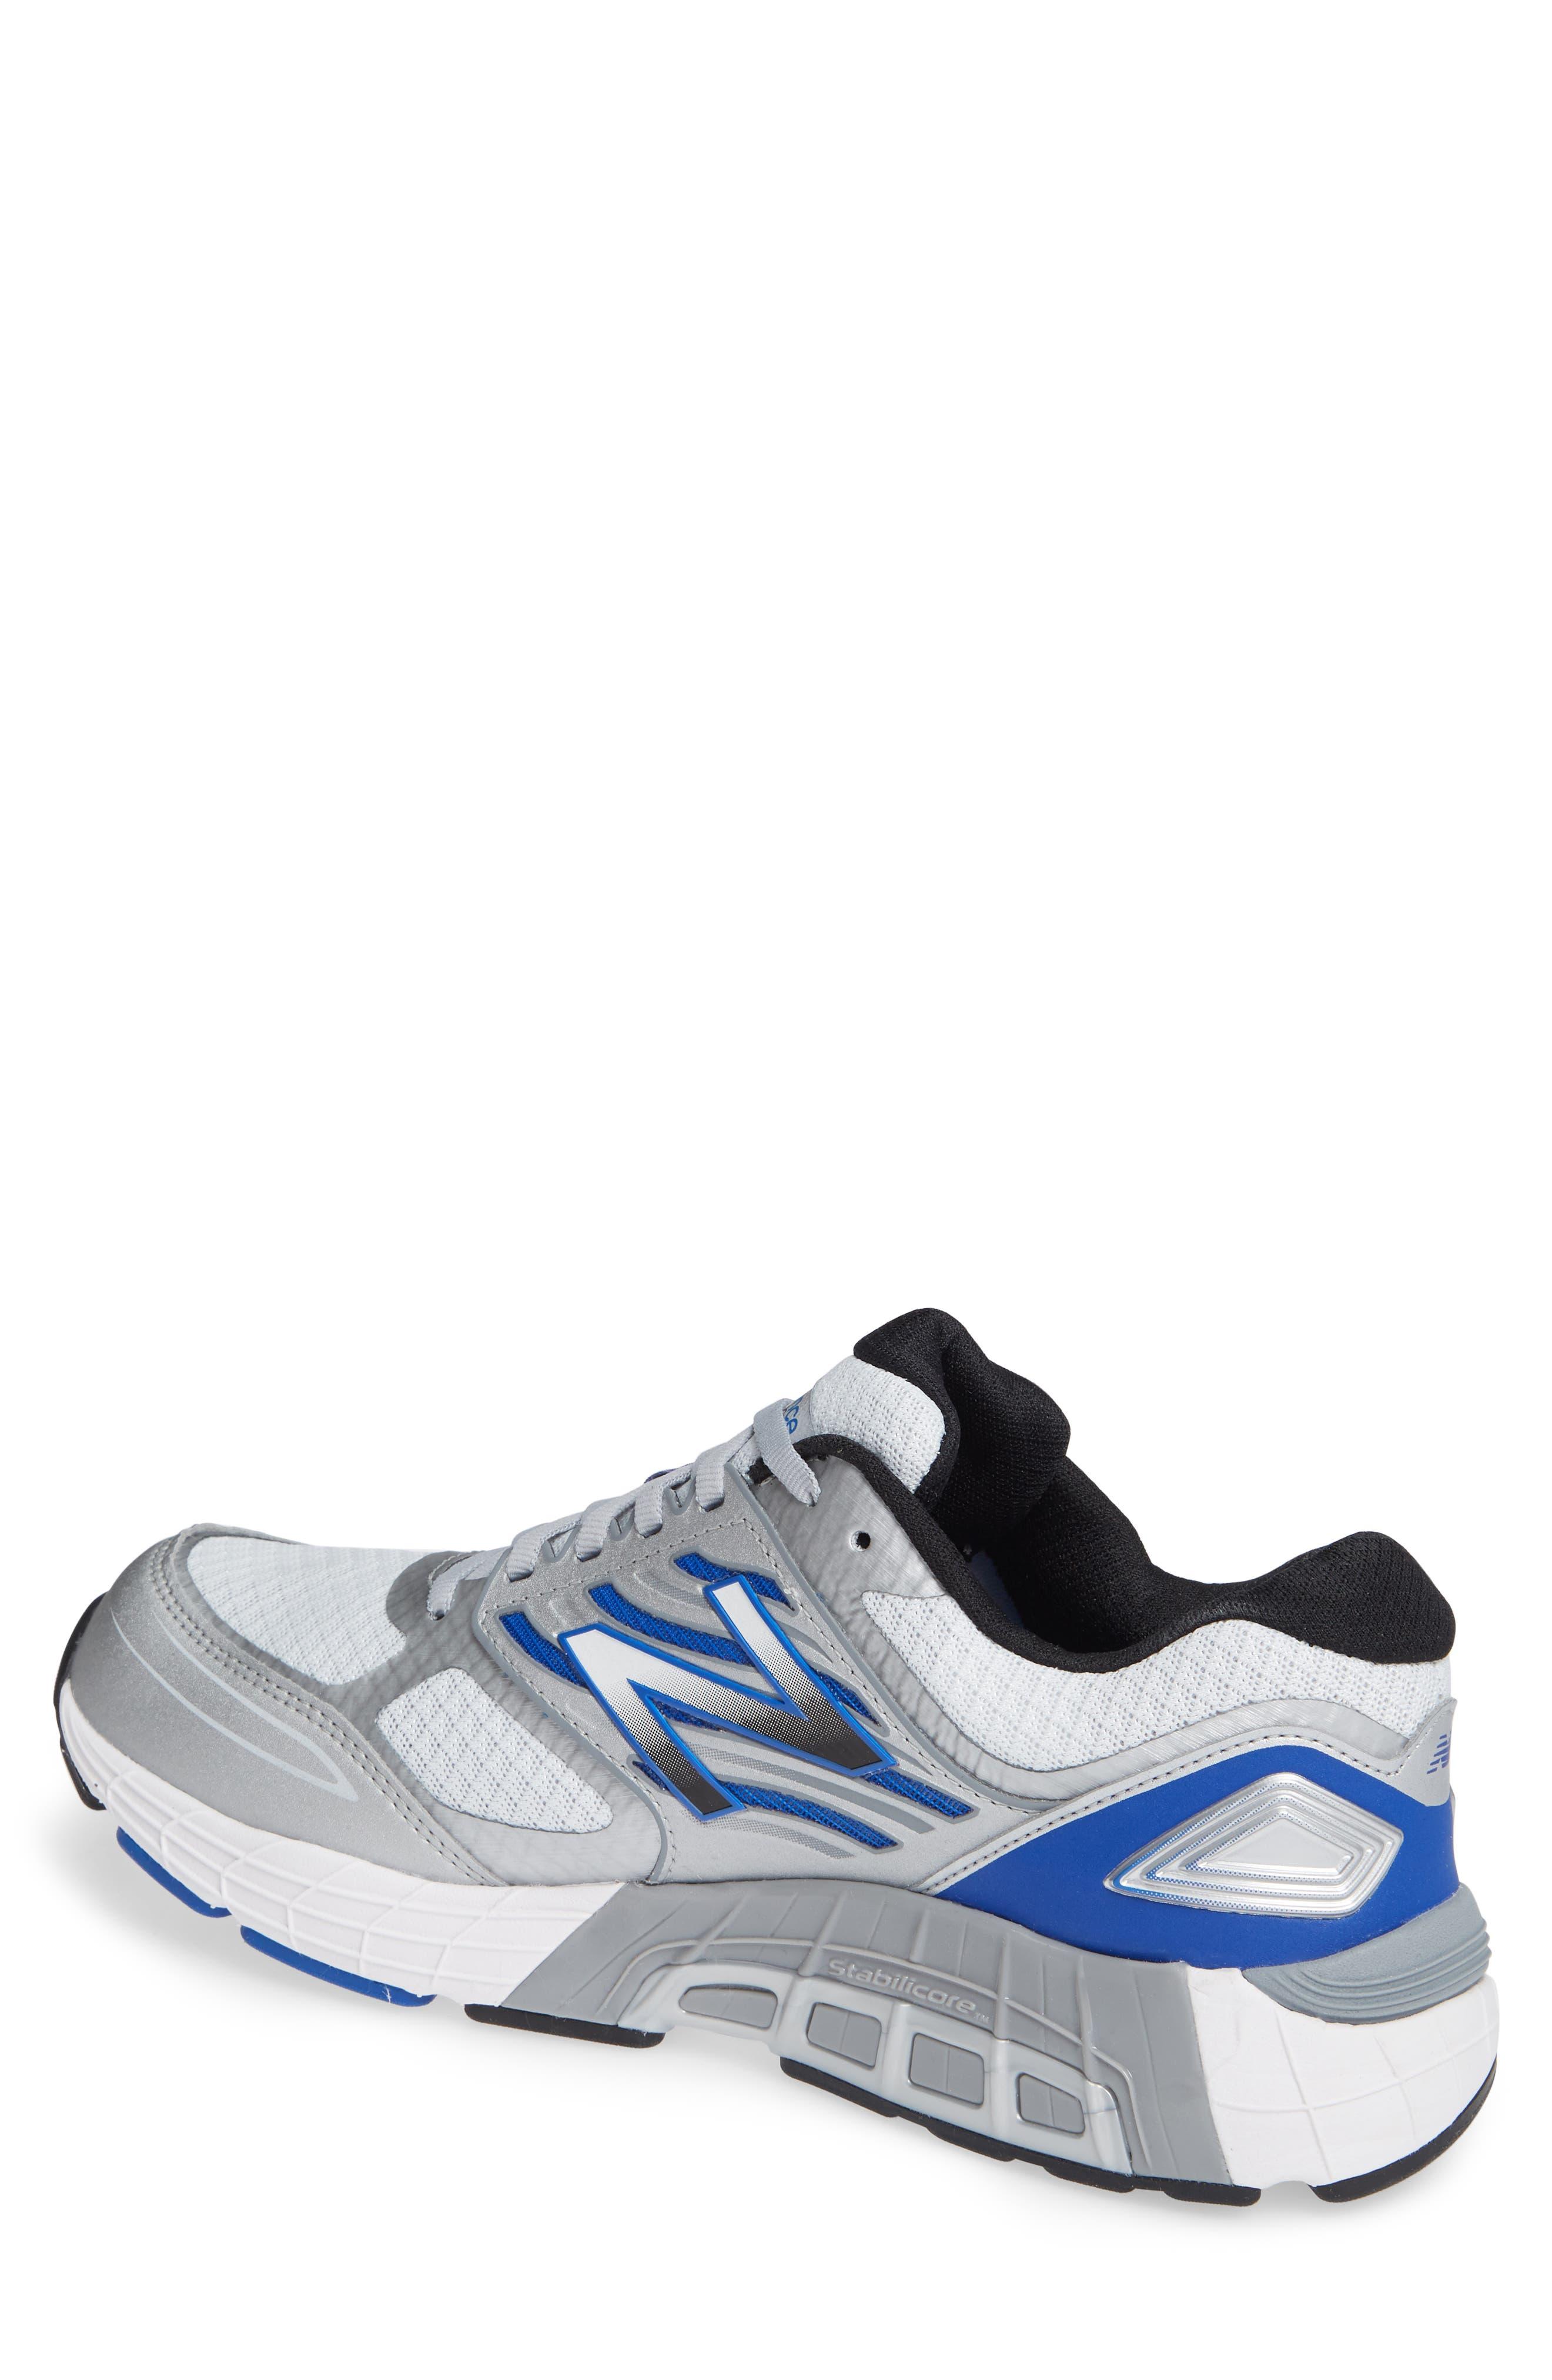 1340v3 Running Shoe,                             Alternate thumbnail 2, color,                             WHITE